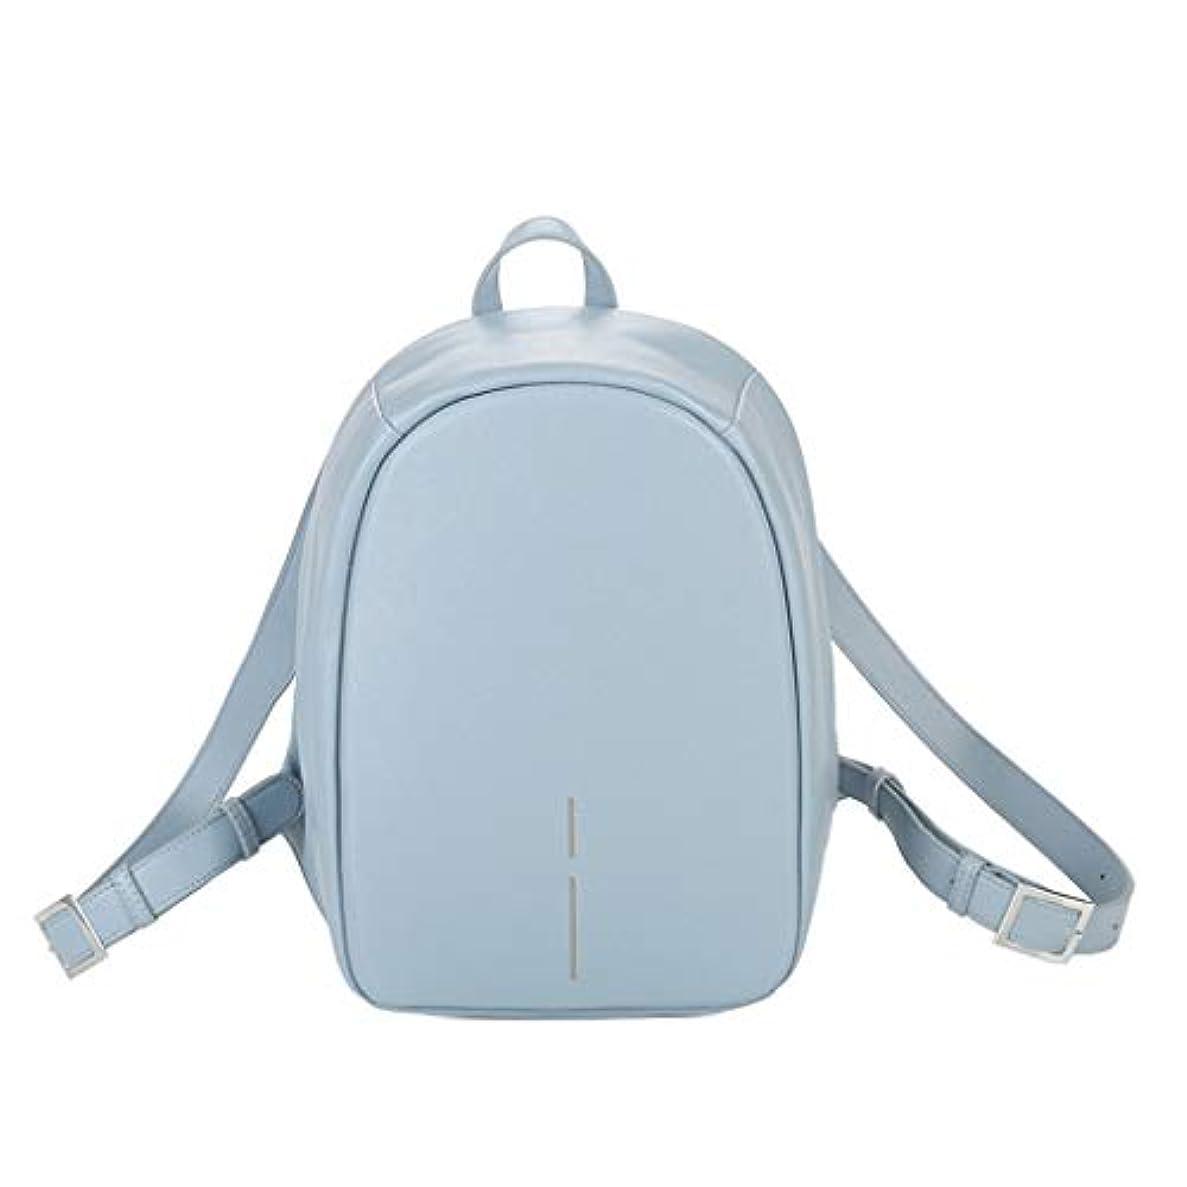 貢献おしゃれなギャング女性のためのコンピュータバックパックシンプルなレザーバックパック気質多機能旅行小さなバックパック多機能ブックバッグ用十代の若者たち女の子ジュニアミドルカレッジバッグ